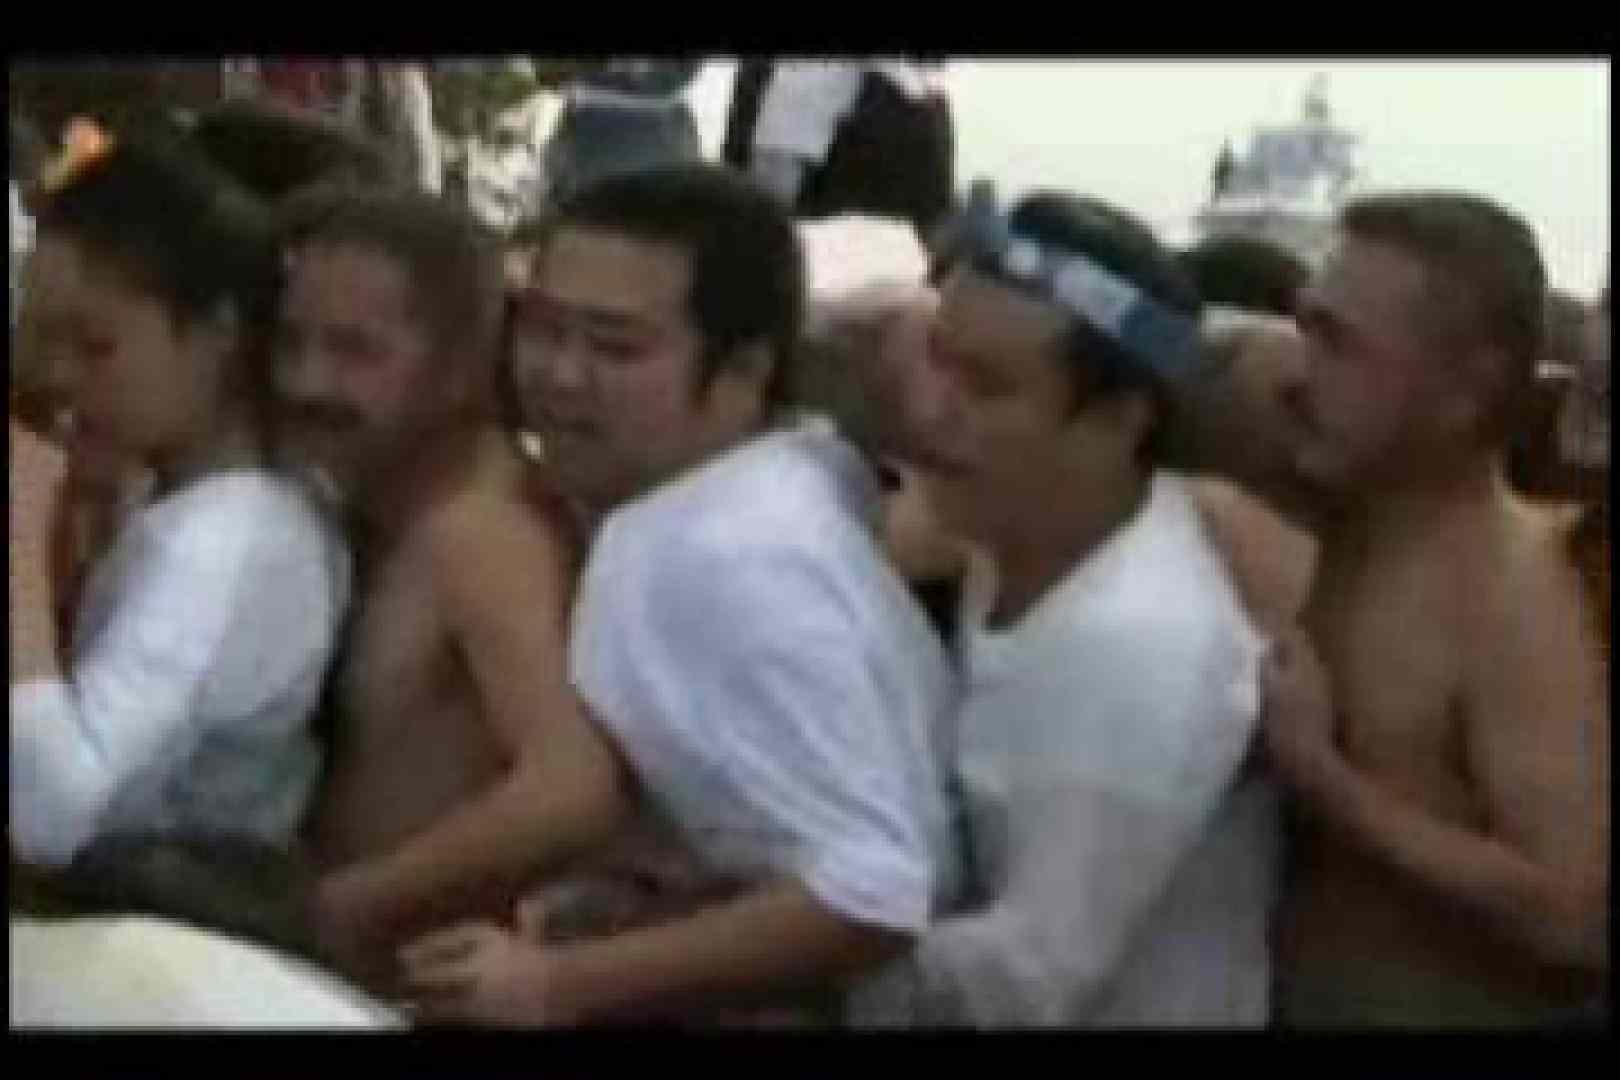 陰間茶屋 男児祭り VOL.2 複数人プレイ ゲイAV画像 96枚 29